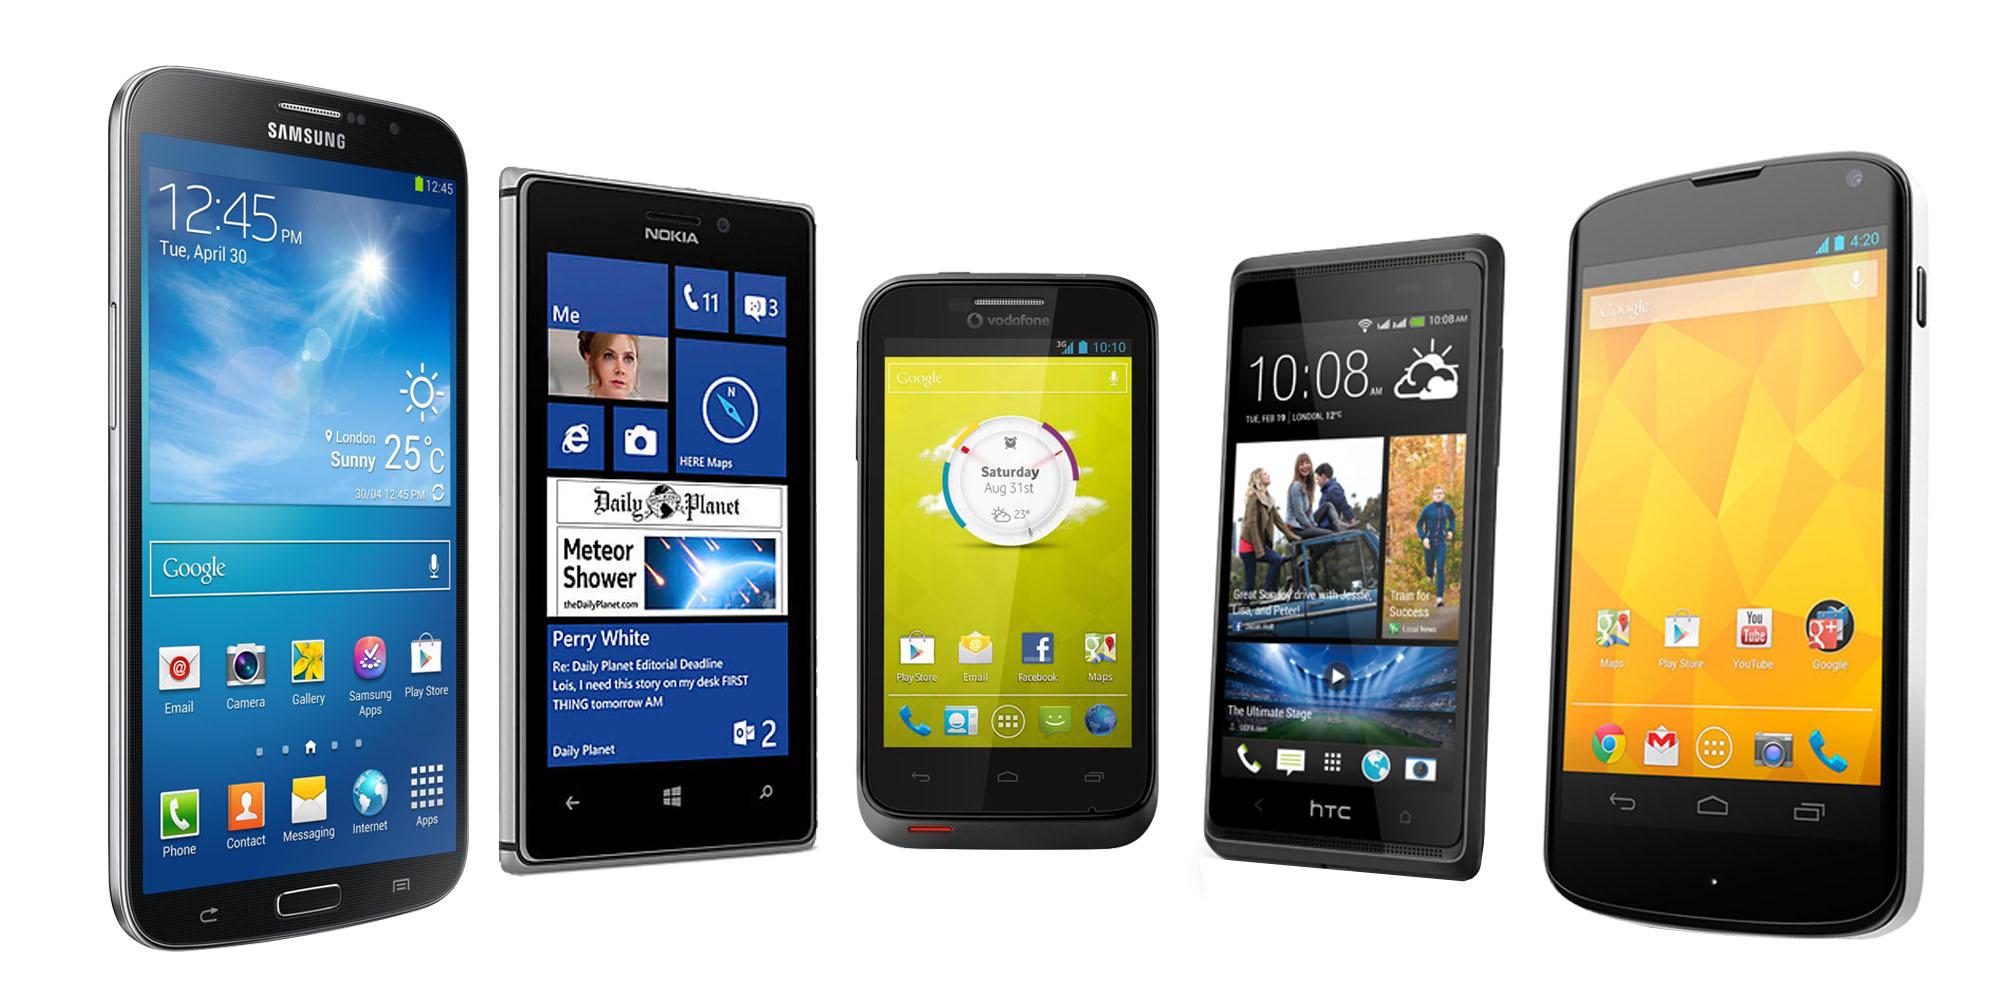 Hướng dẫn chọn mua smartphone cho người mới sử dụng